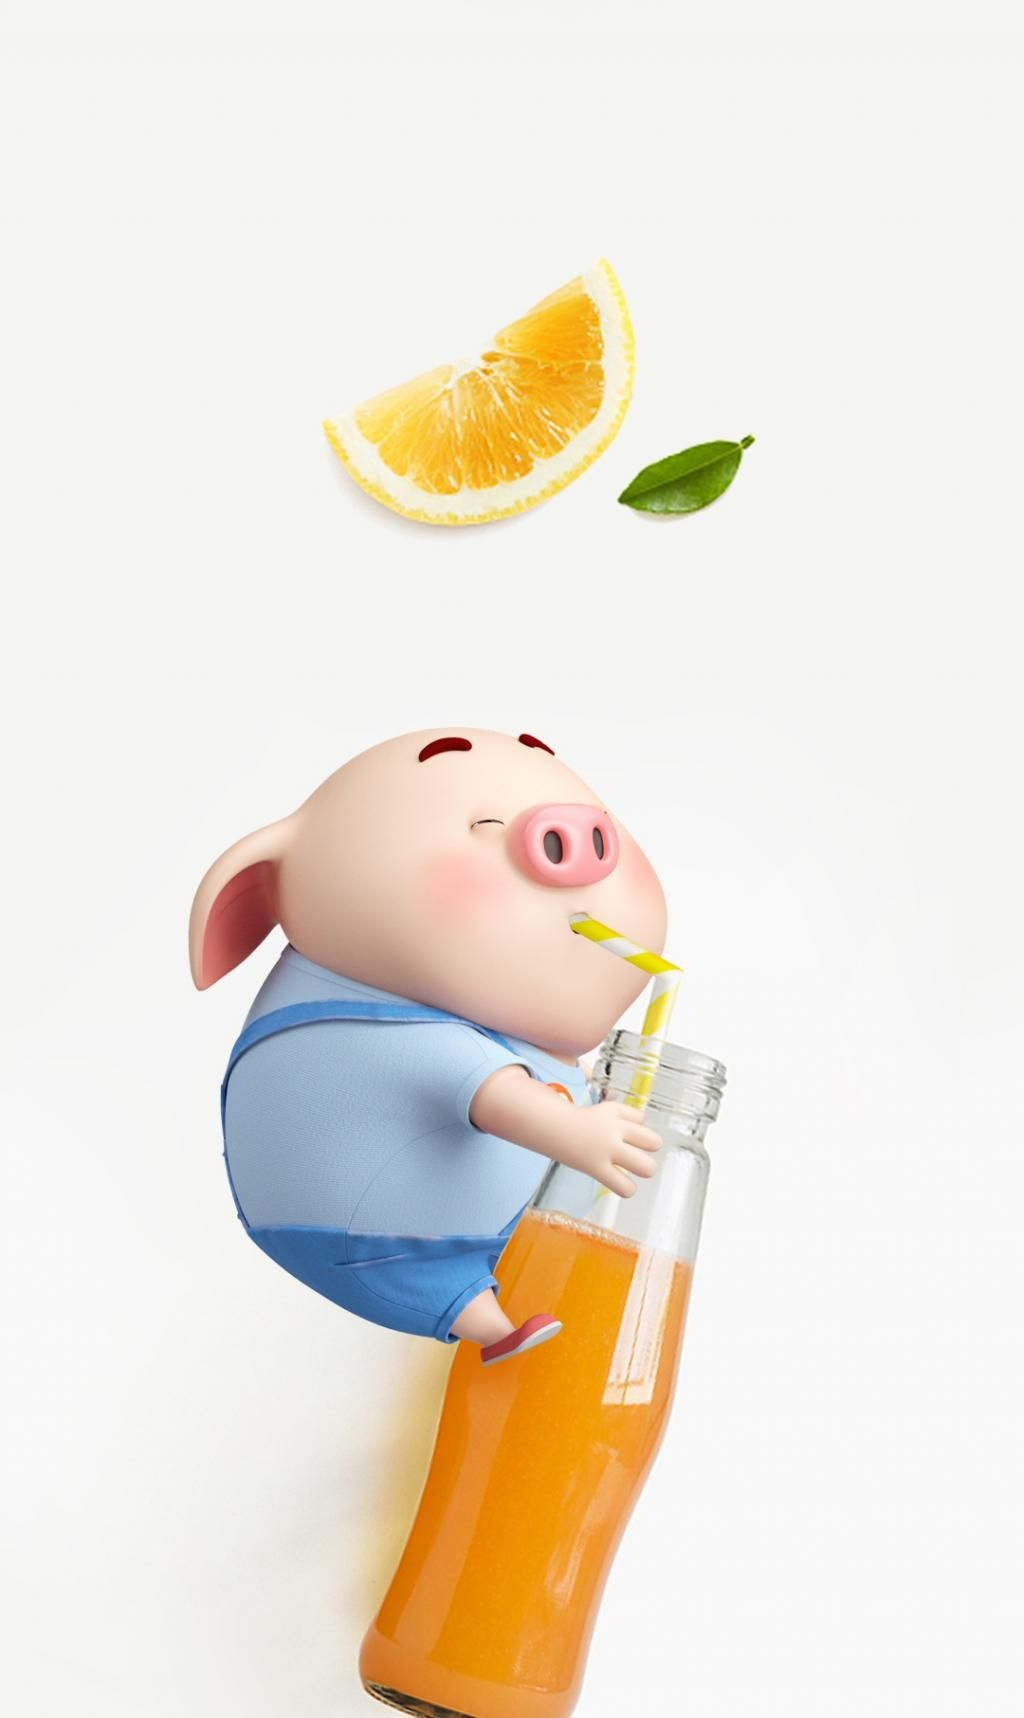 可爱猪猪年来了,换新的猪猪植物壁纸过年啦